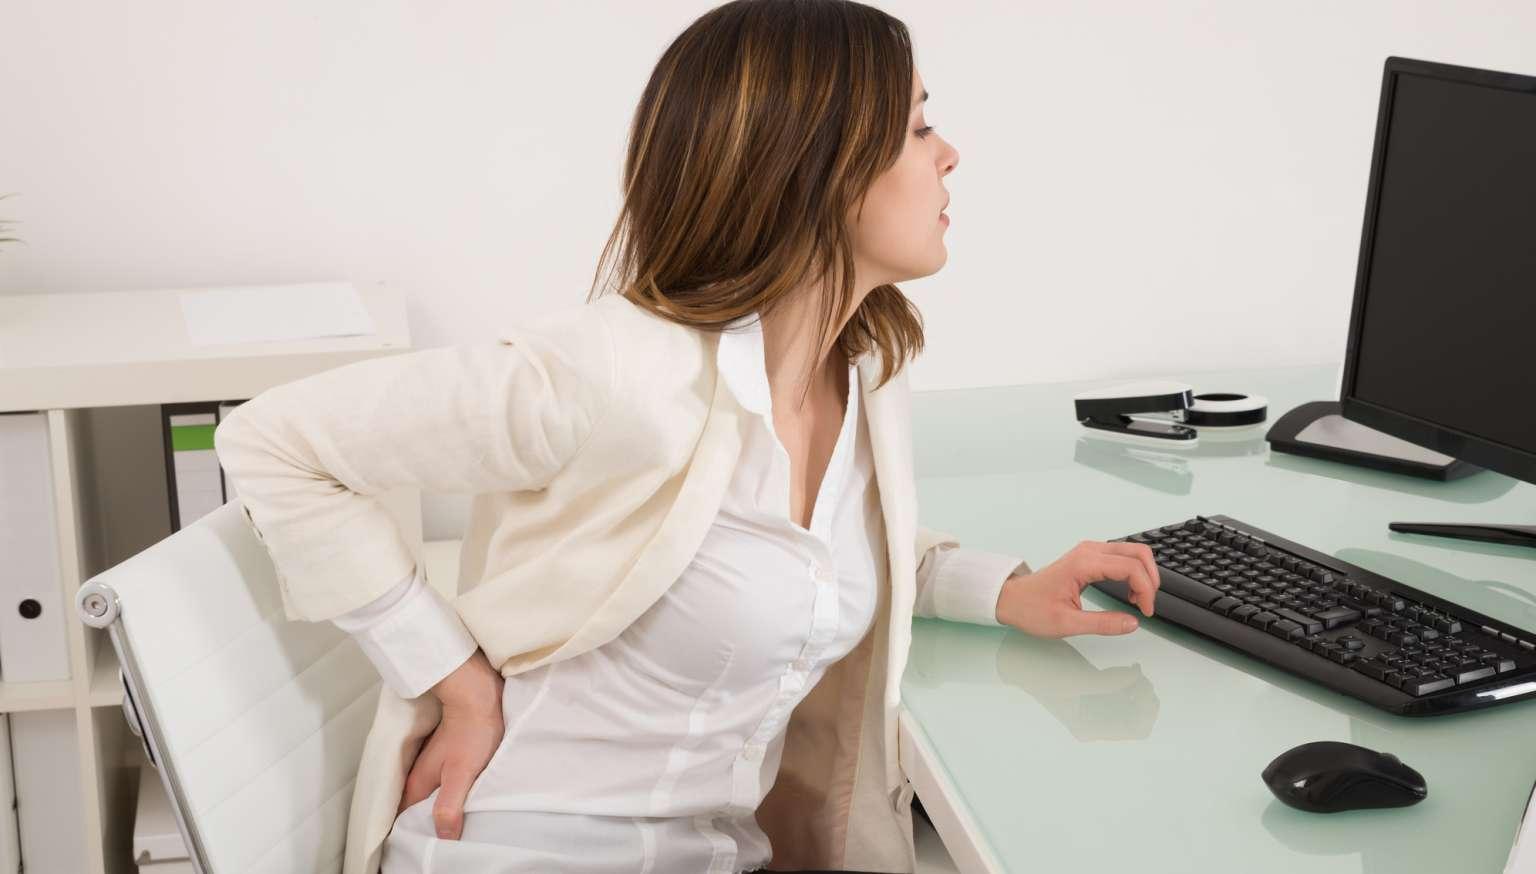 نشستنهای طولانی مدت میتواند باعث درد کمر و افزایش آسیب به کمر شود